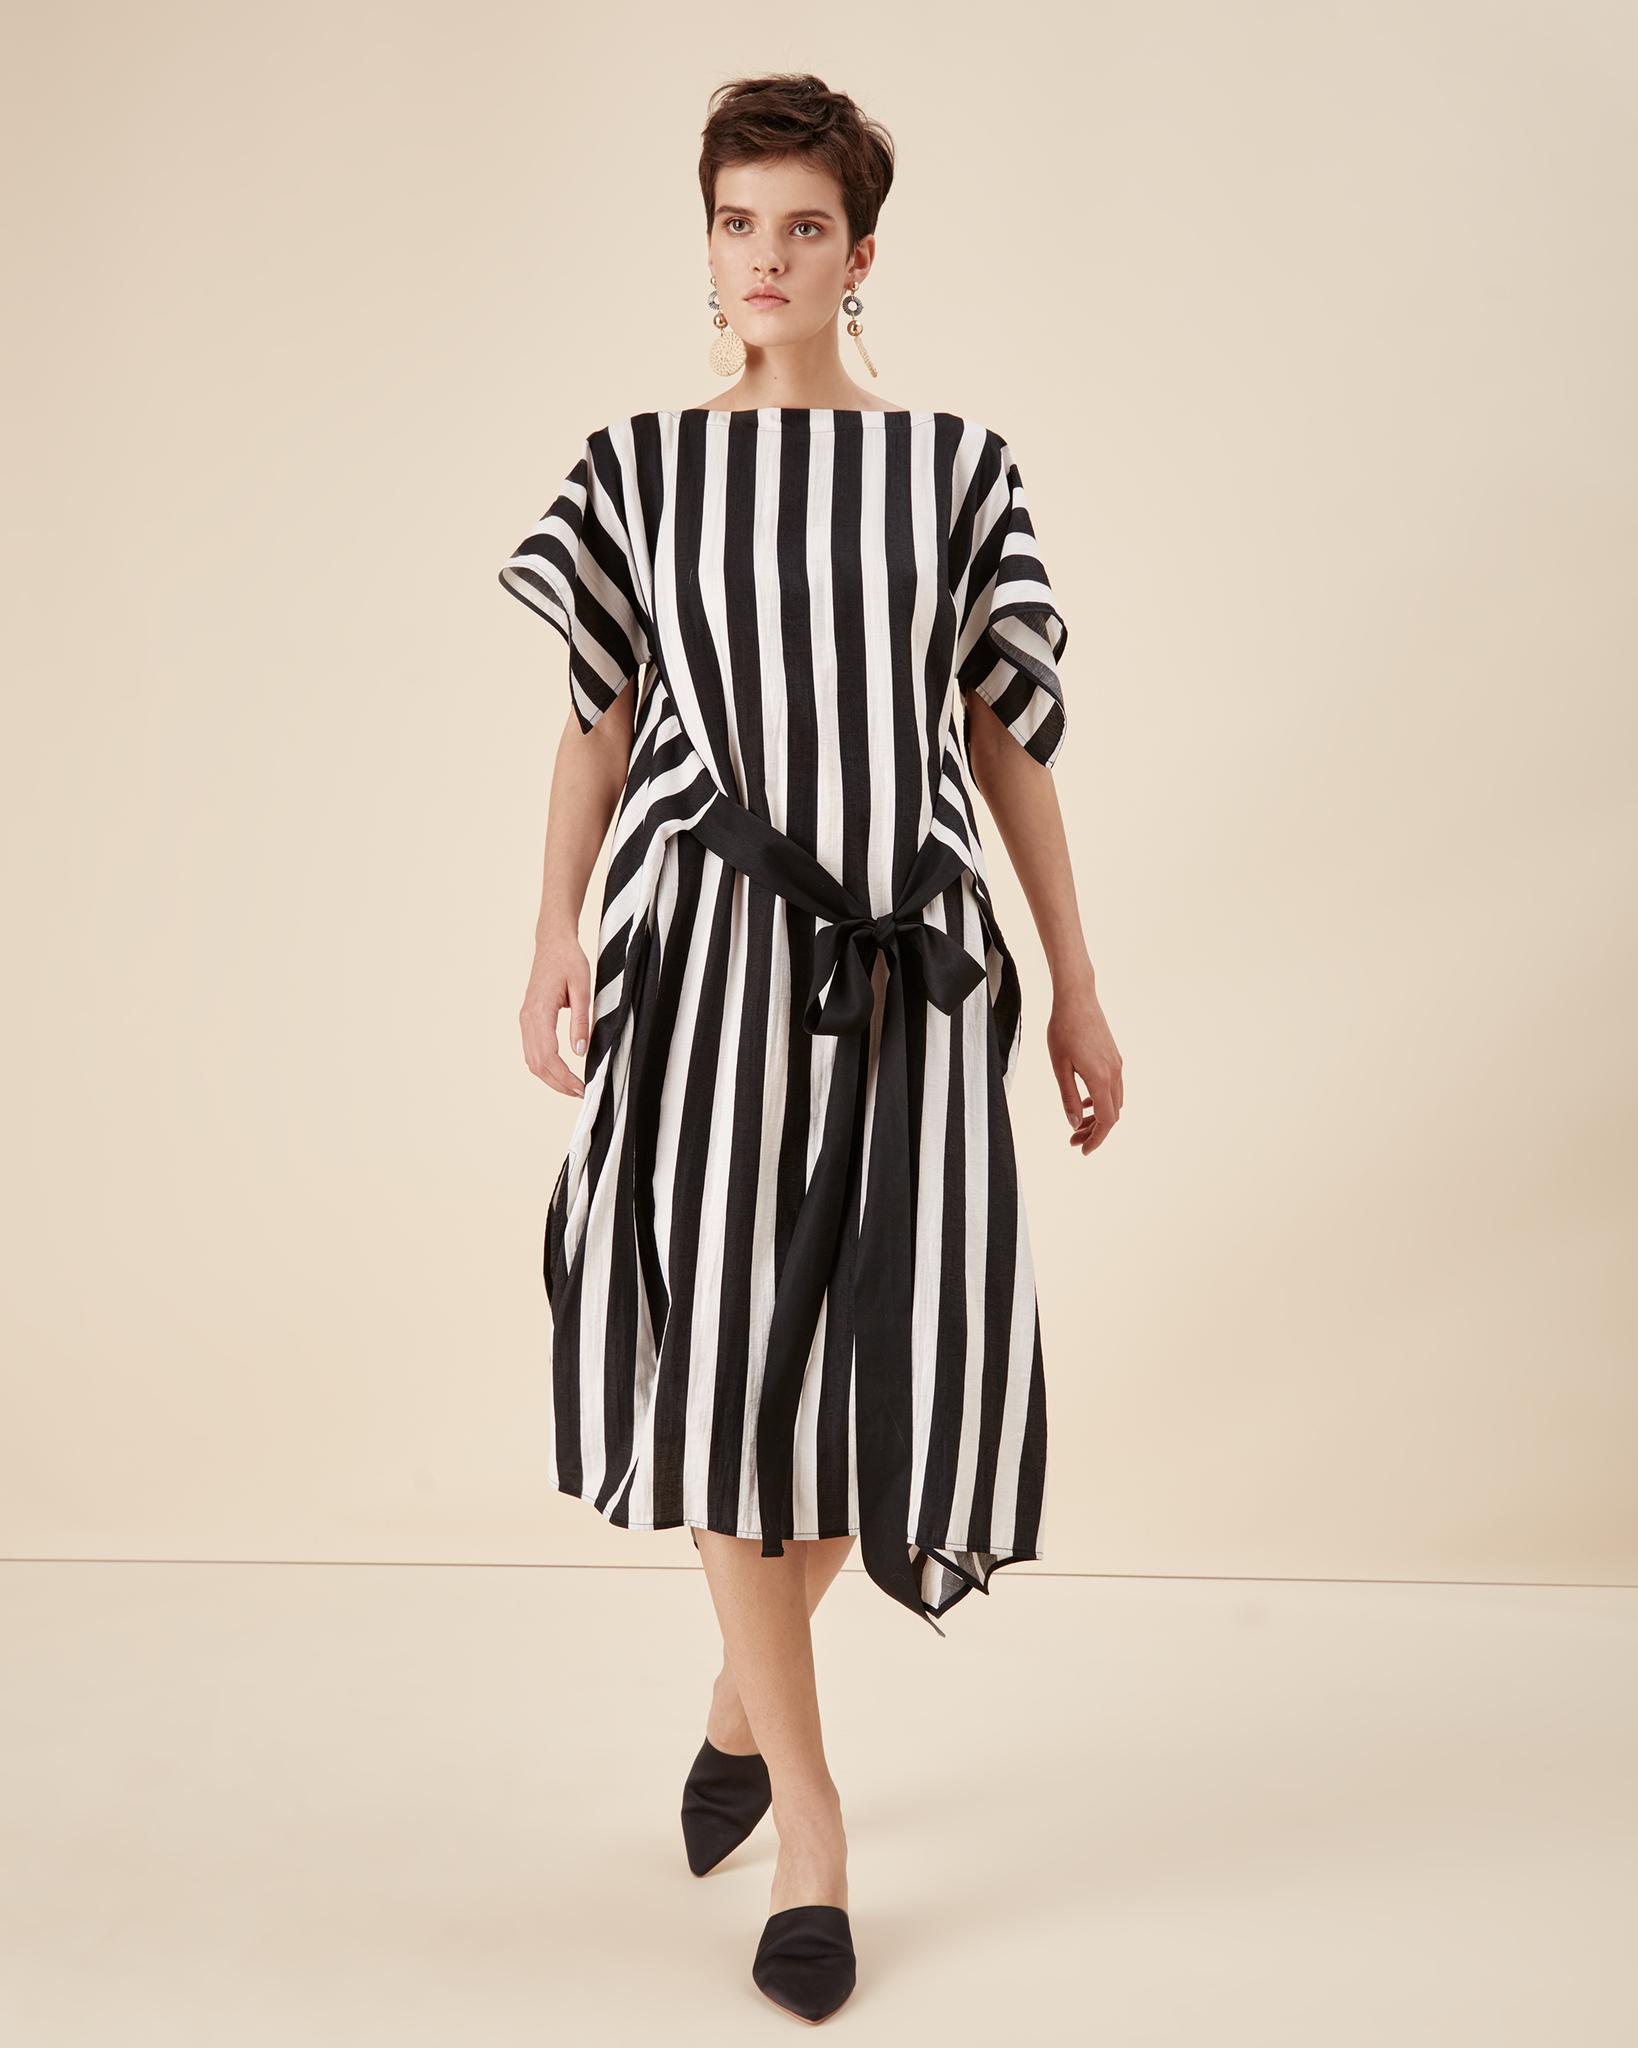 Платья Платье в черную полоску 19-170 hass-leto-194679.jpg